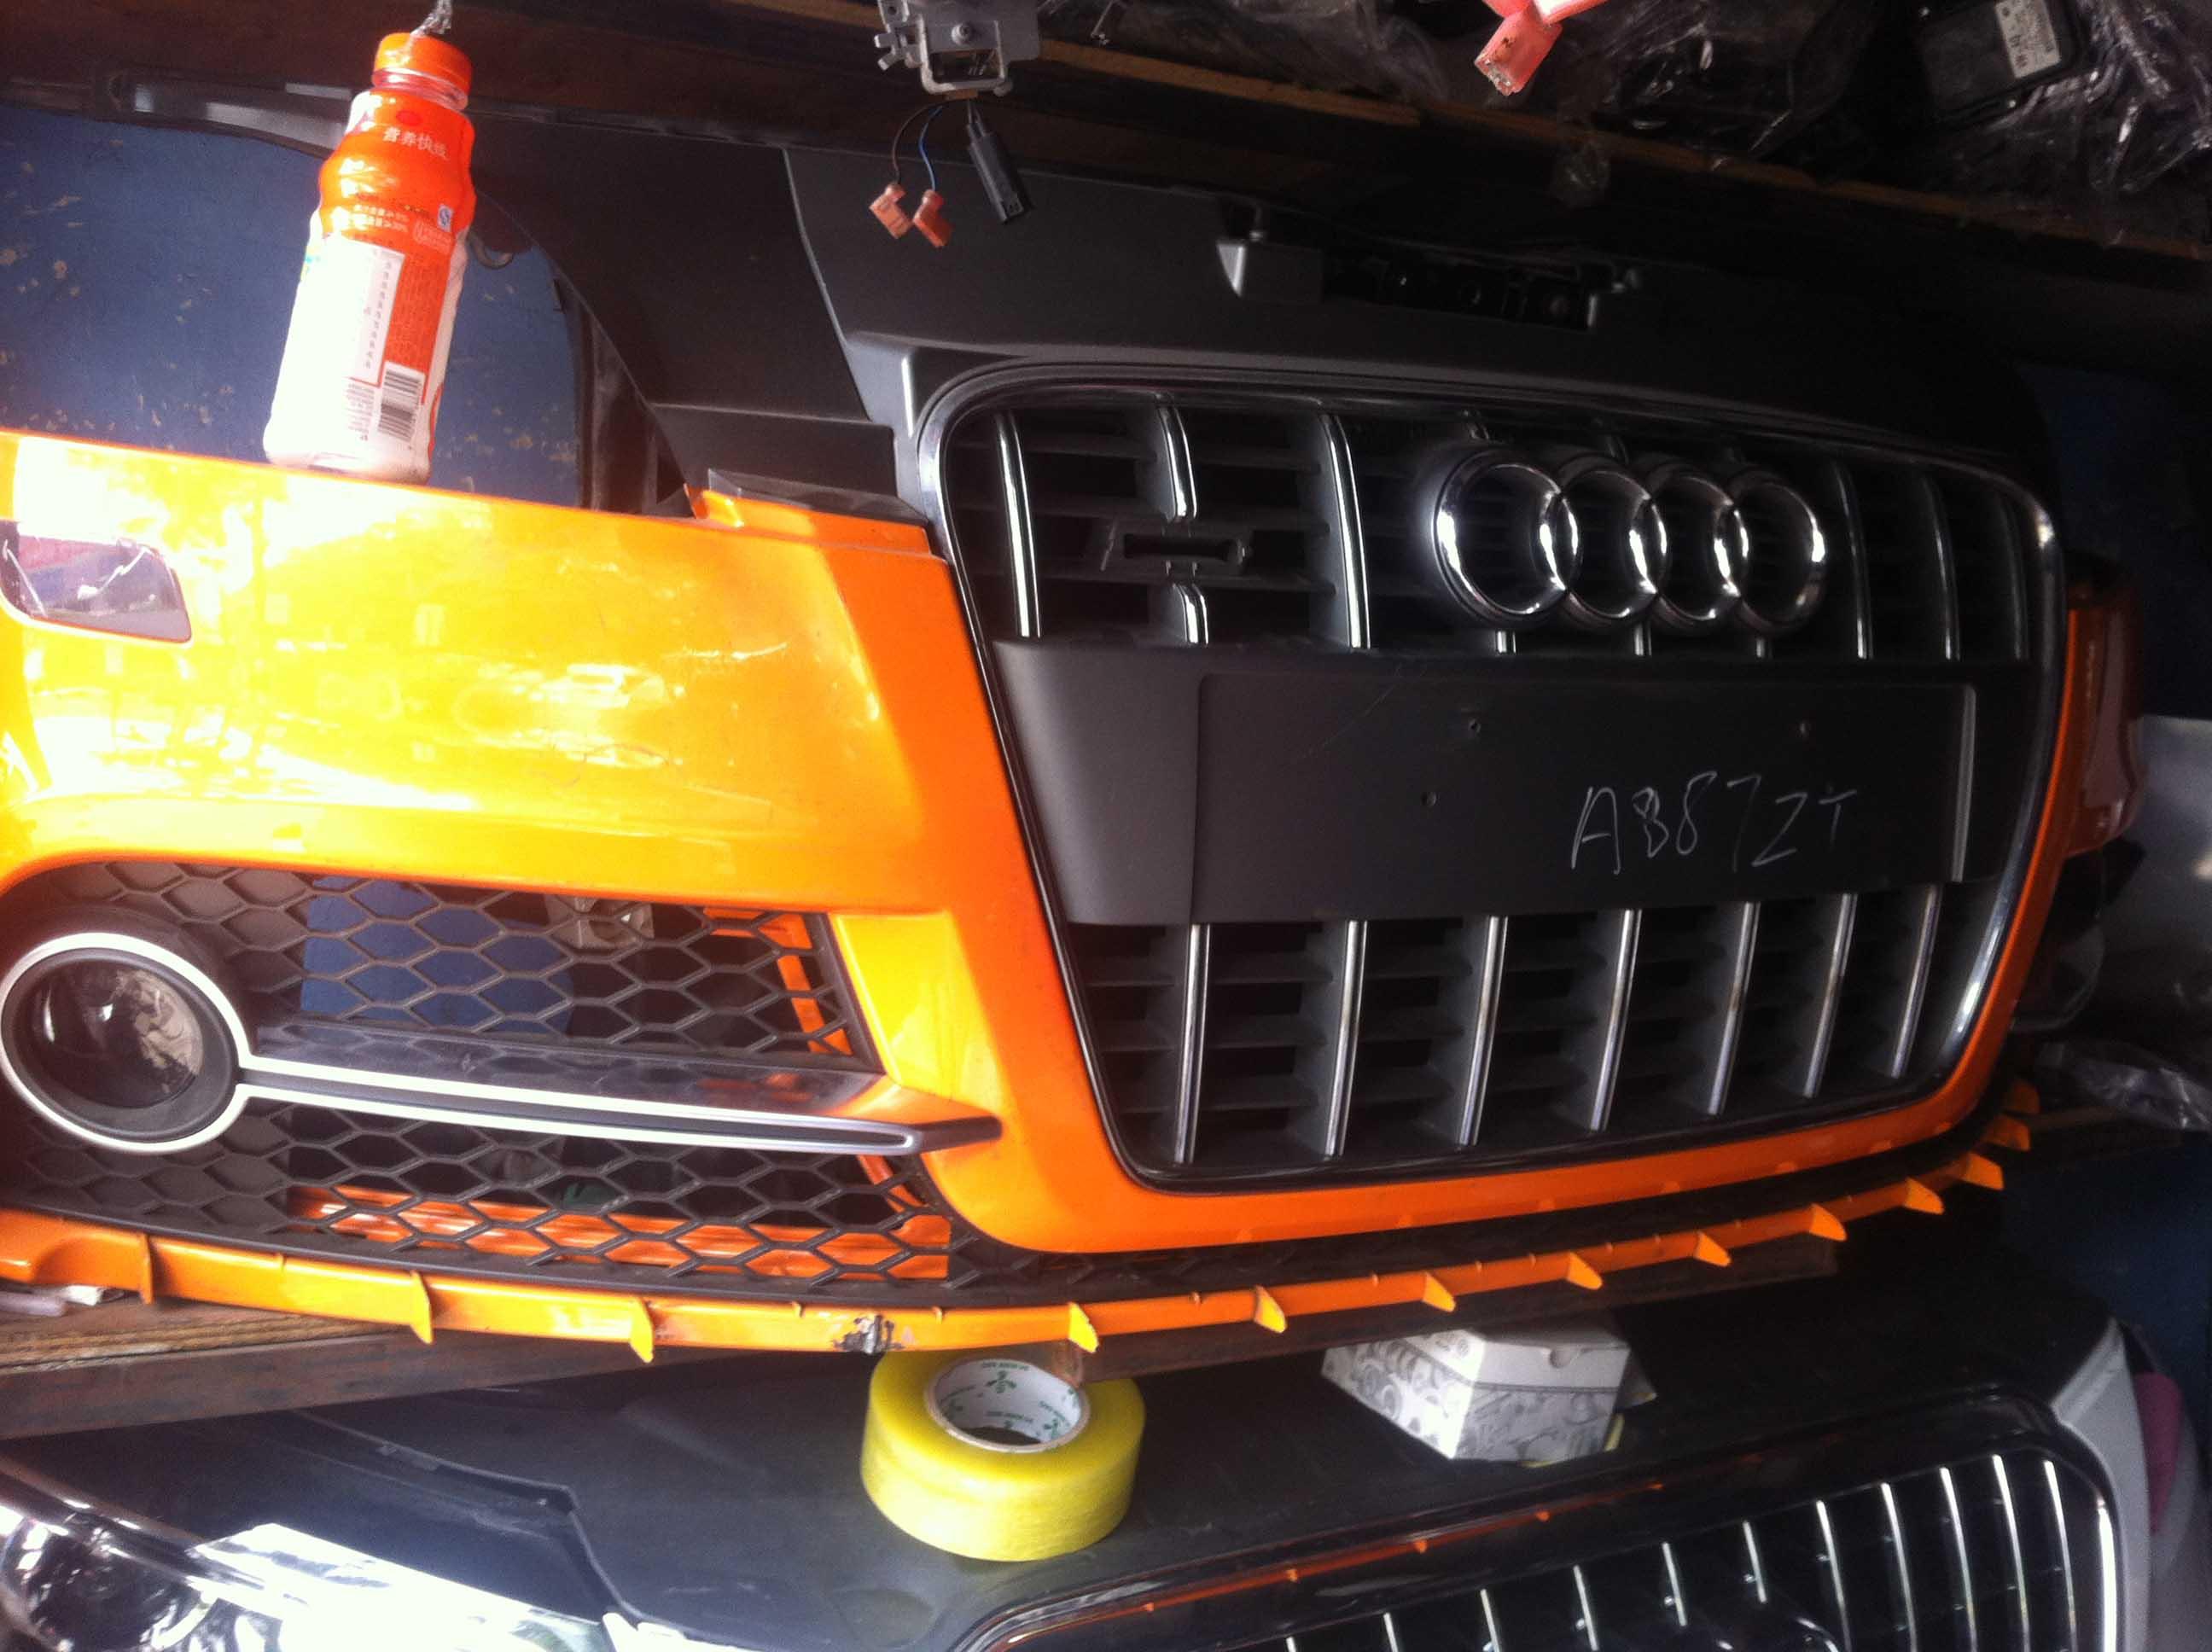 优惠的奥迪TTS前嘴配件,广东高质量保镖的奥迪TTS汽车配件销∴售